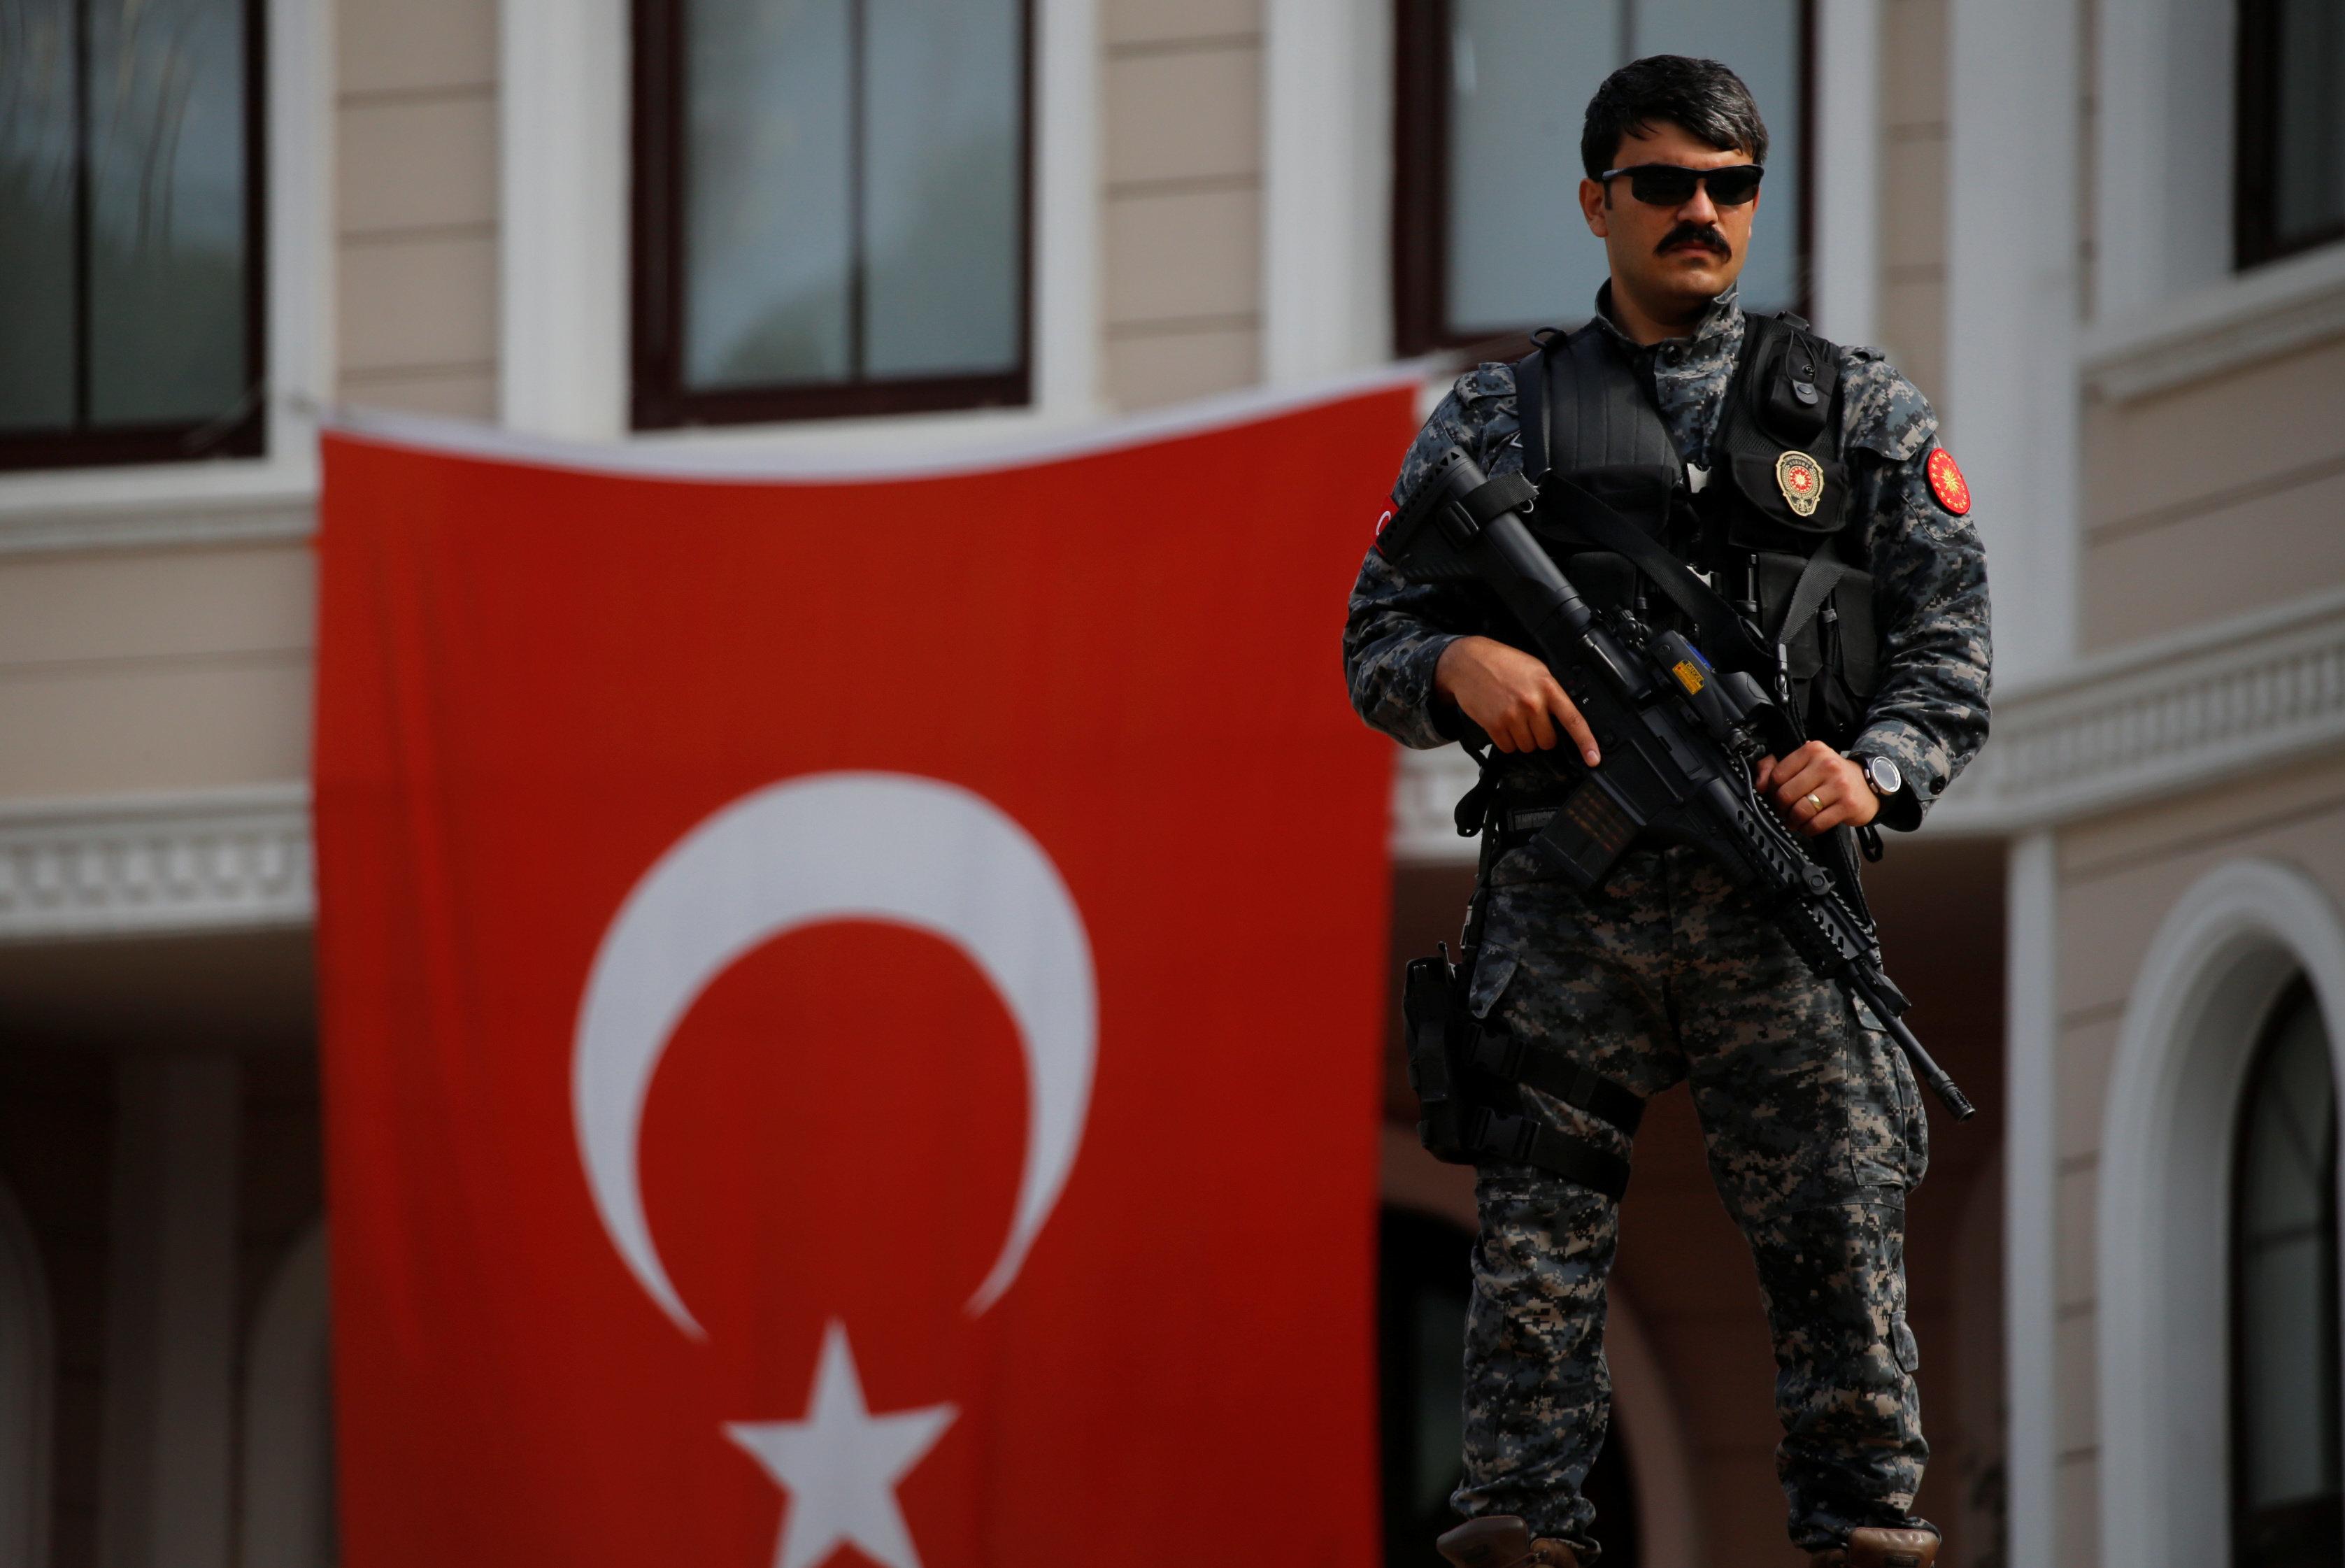 Erneut Deutscher in Türkei wegen Terrorvorwürfen